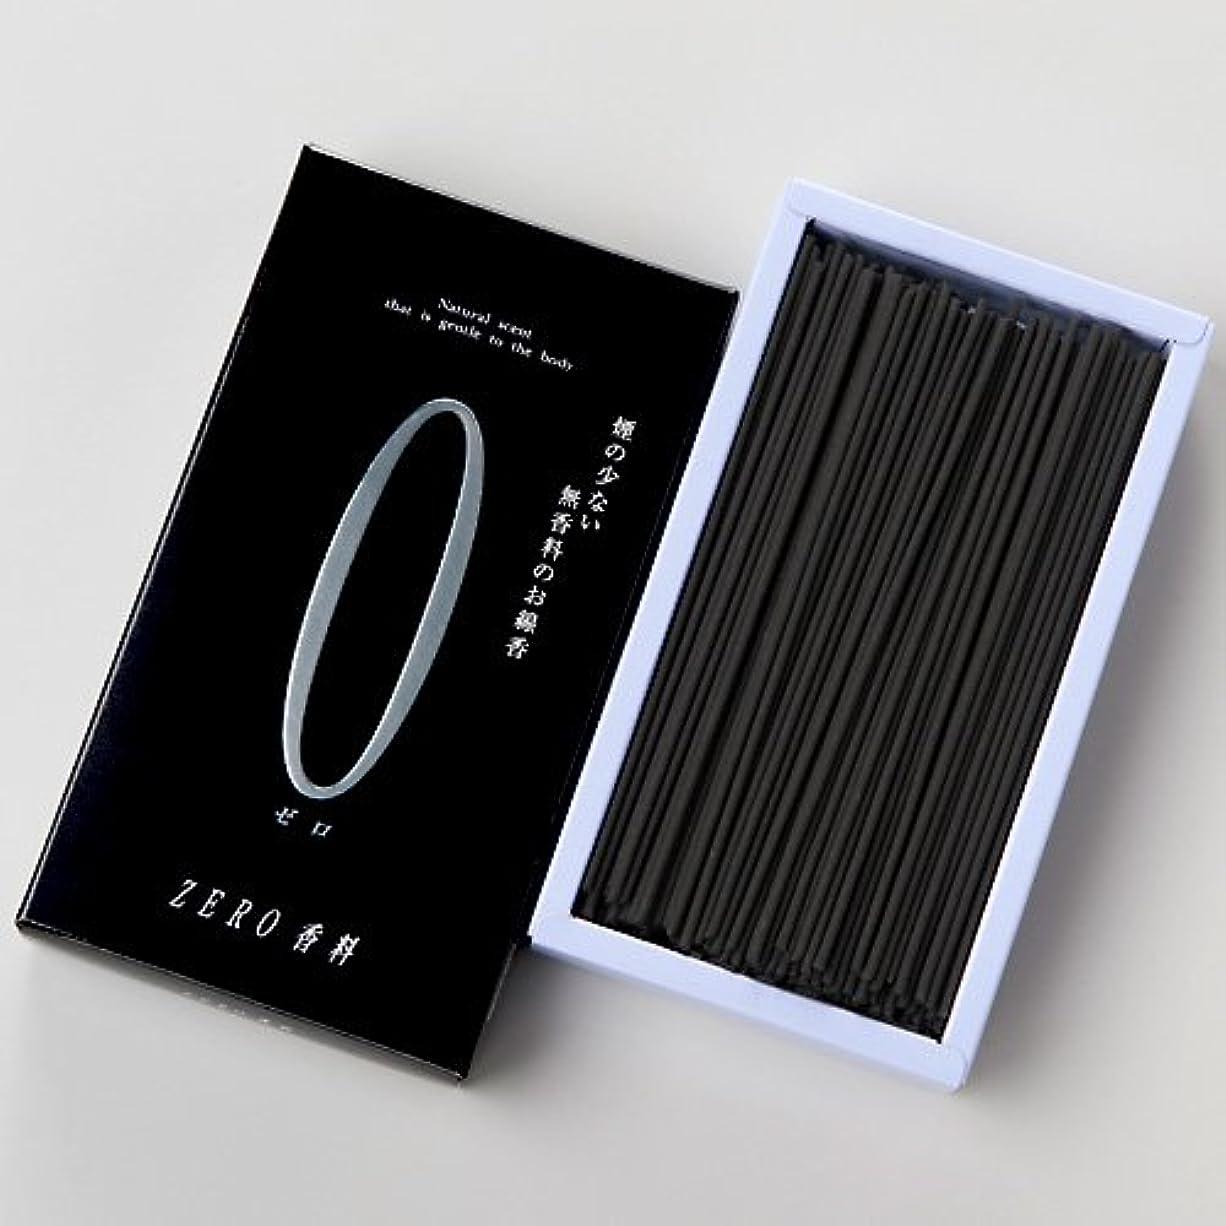 食事周波数呼吸する極 ZERO 香料 130g 黒 奥野晴明堂